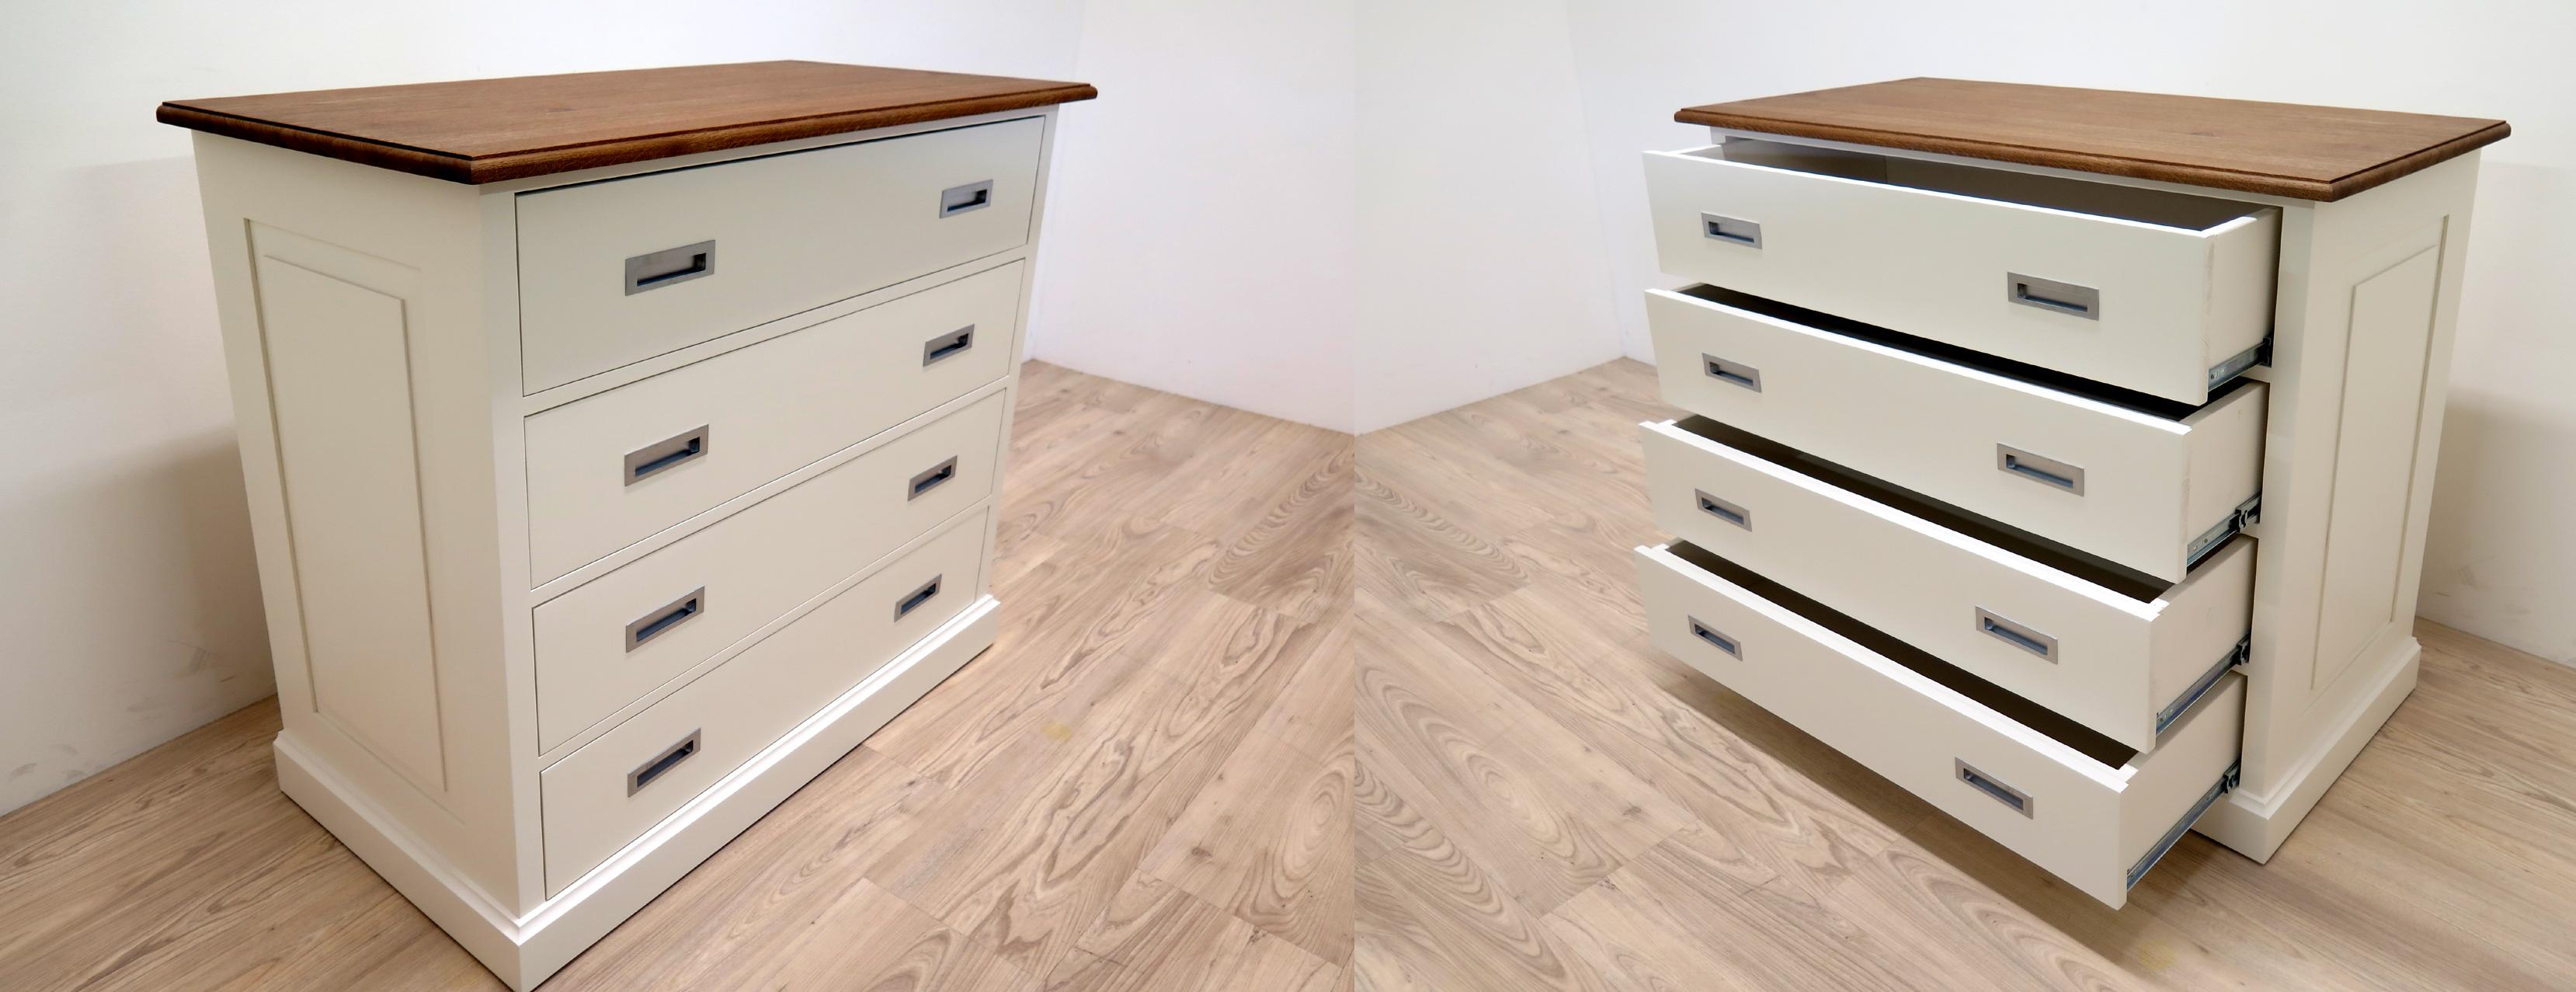 massive landhausm bel 1512 kommode massivholz. Black Bedroom Furniture Sets. Home Design Ideas